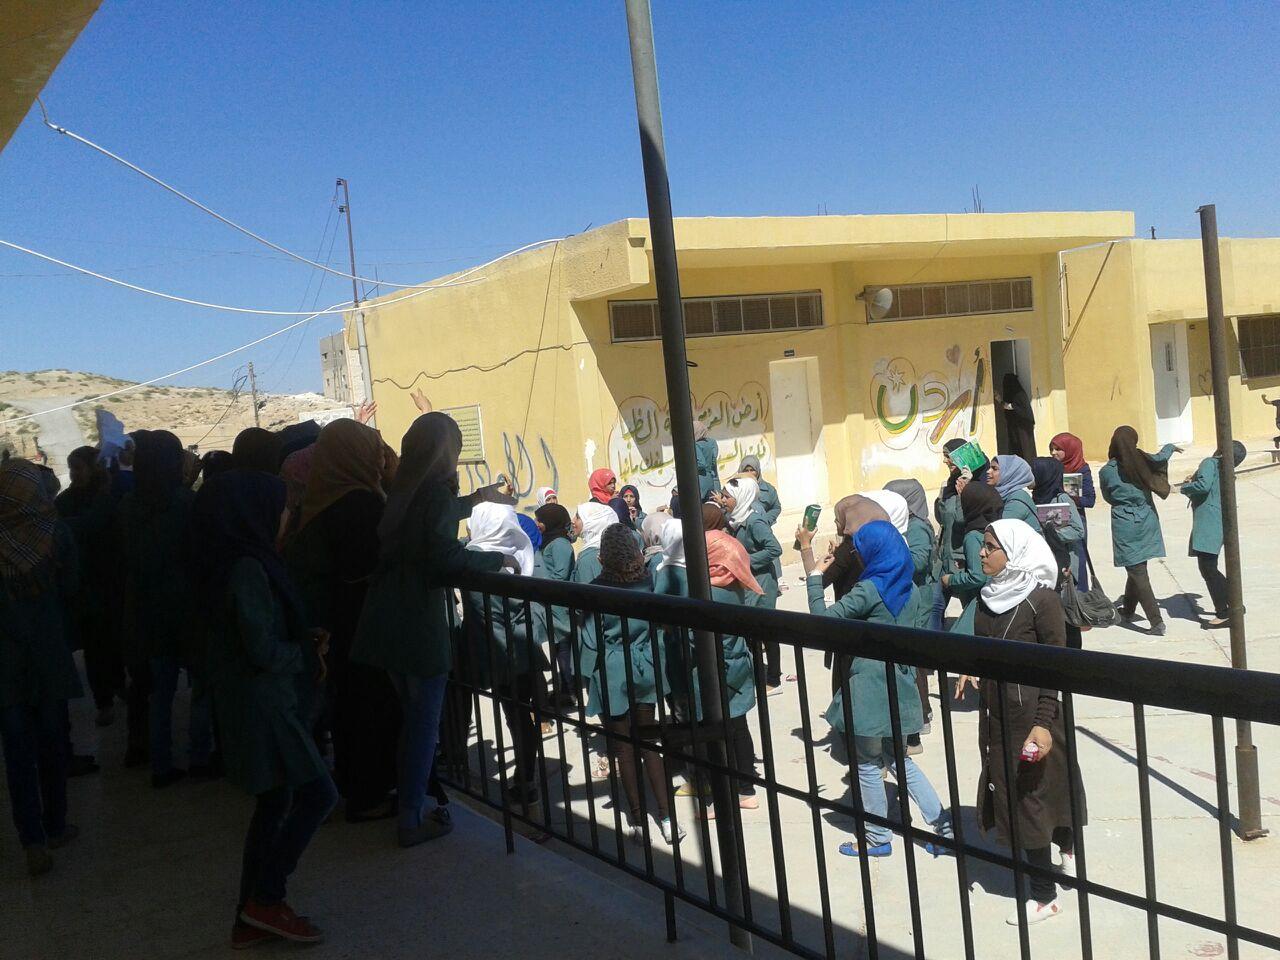 اعتصام طالبات ثانوية فاع وأولياء الامور للمطالبة بنقل مديرة المدرسة